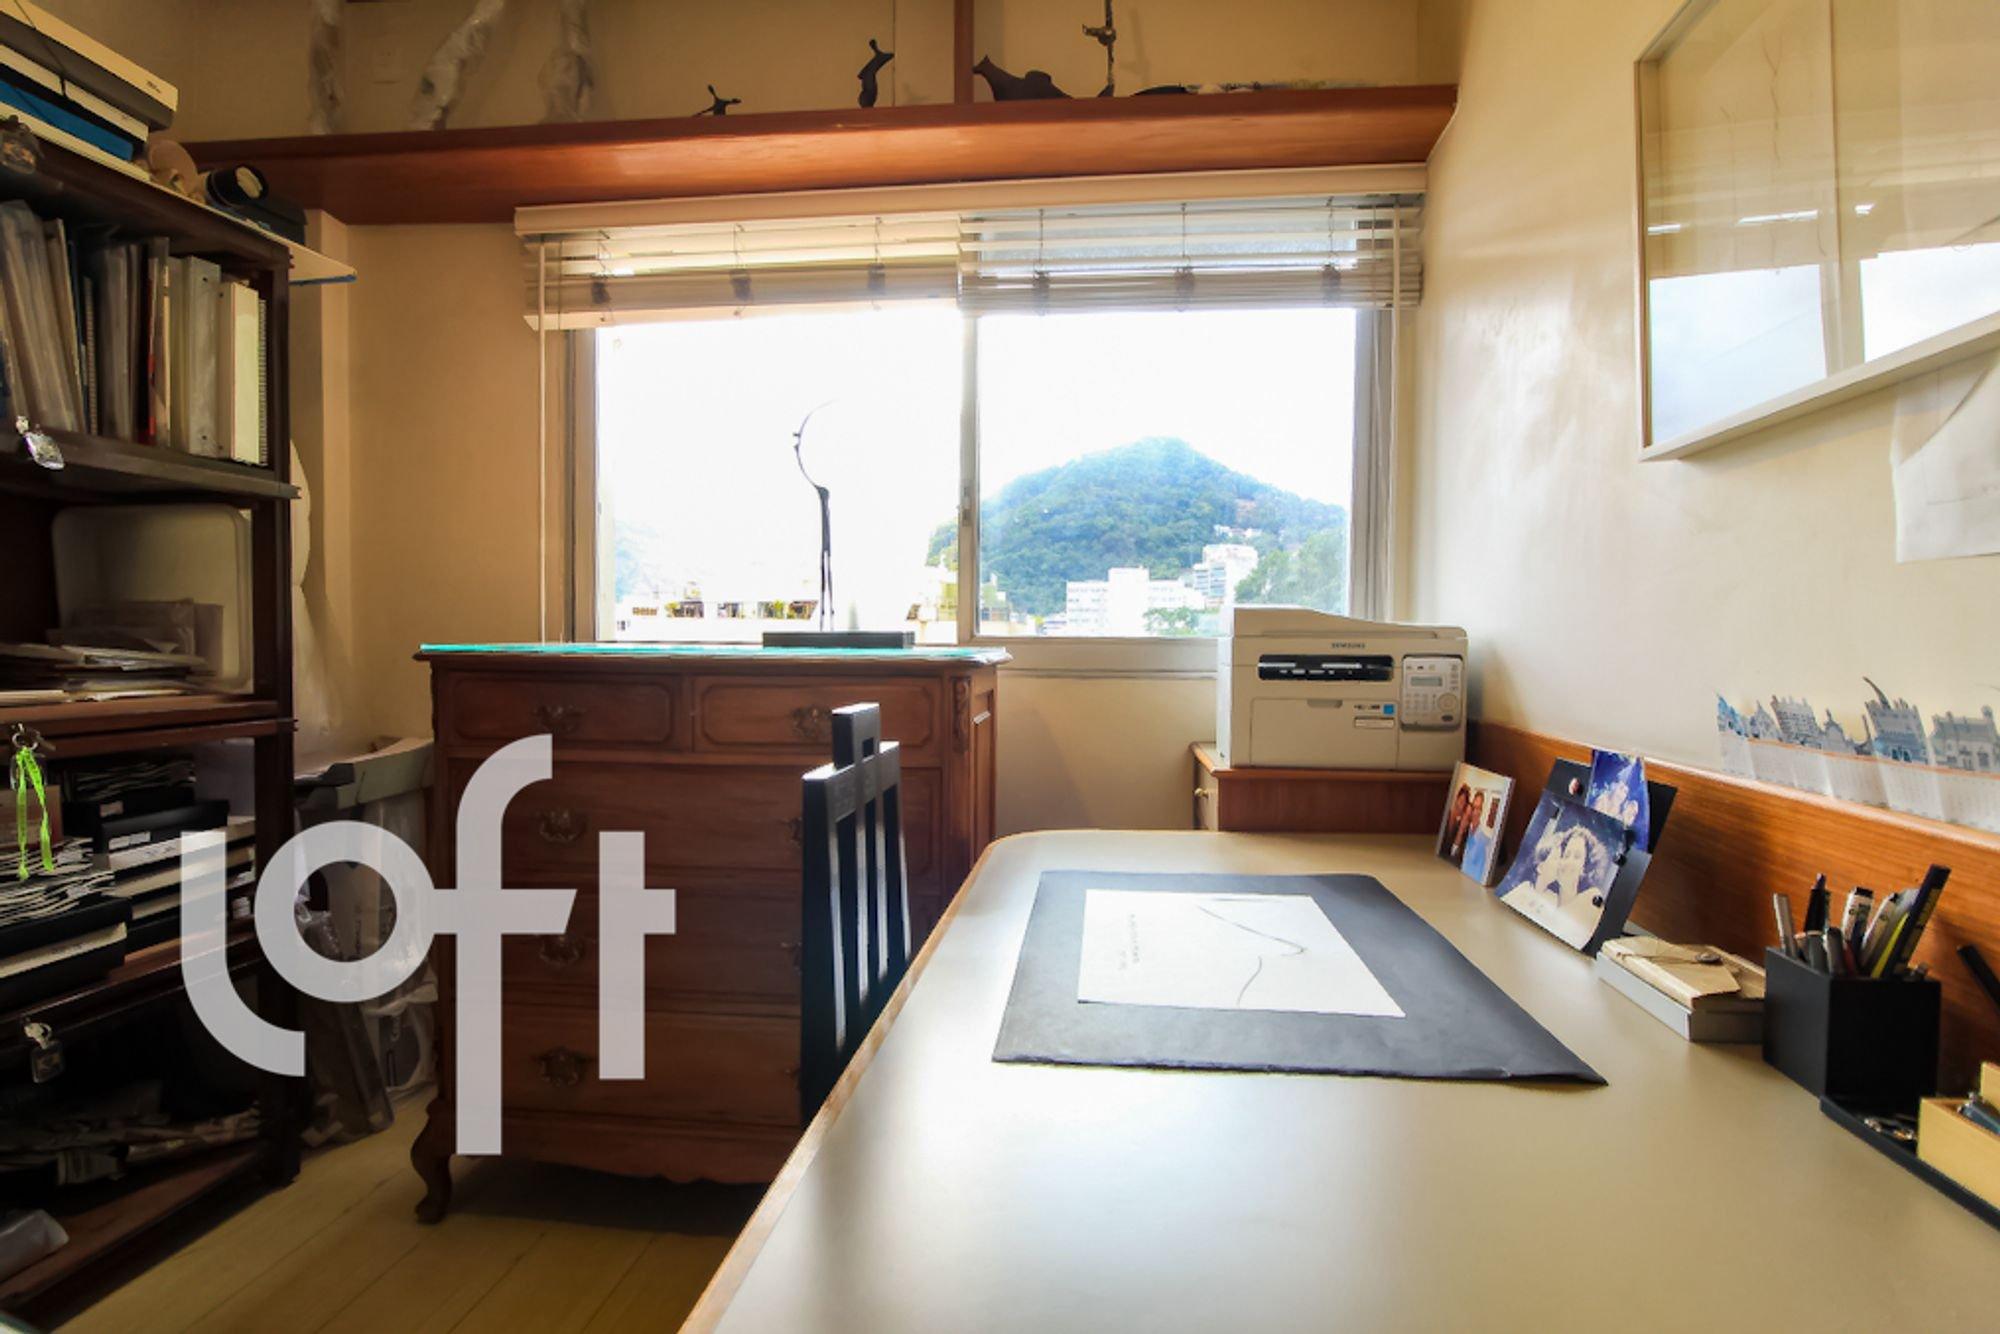 Foto de Cozinha com mesa de jantar, livro